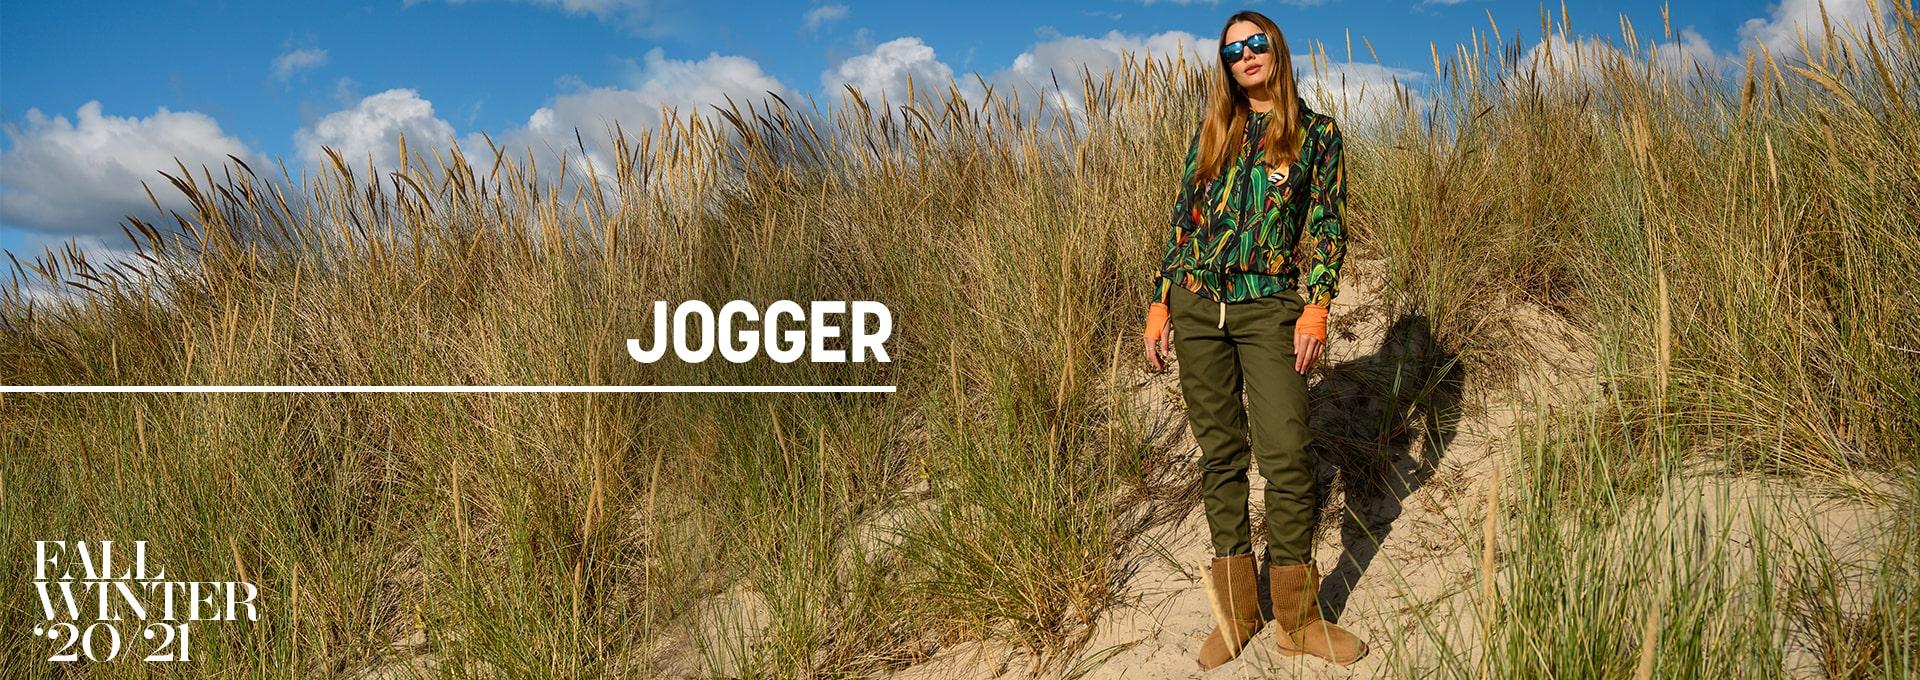 EN Slider Joggery